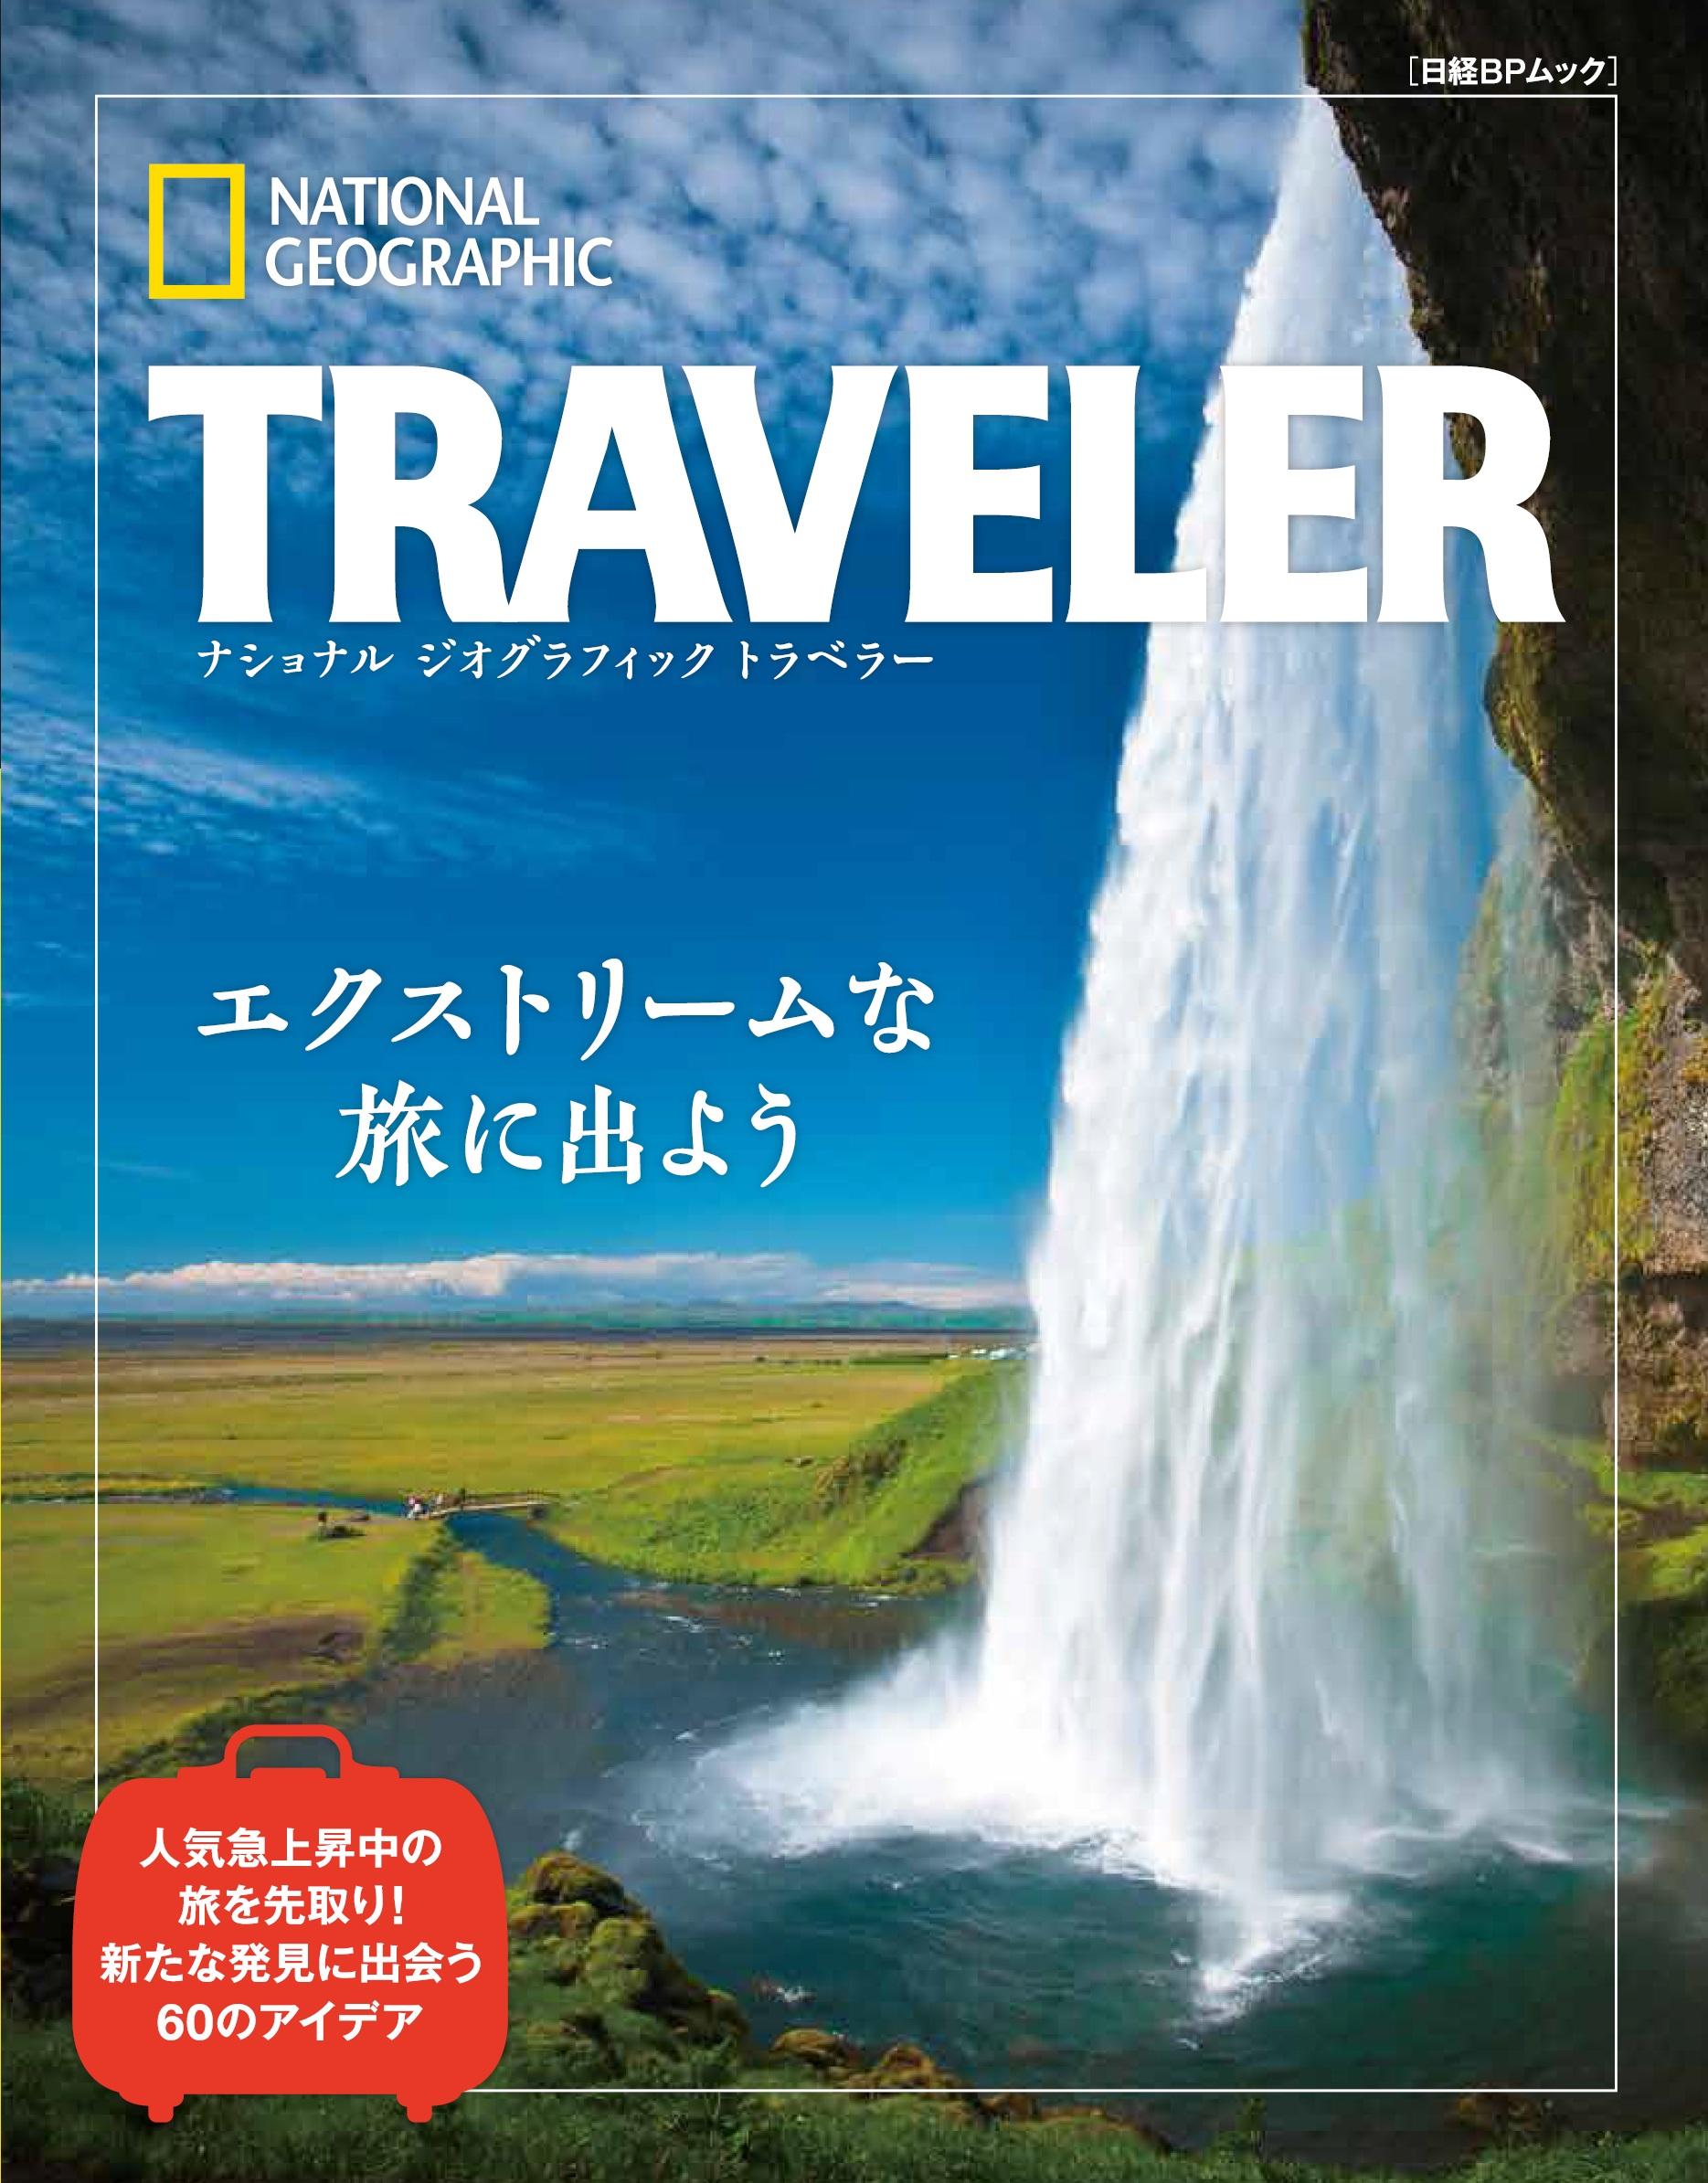 ナショナル ジオグラフィック トラベラー エクストリームな旅に出よう